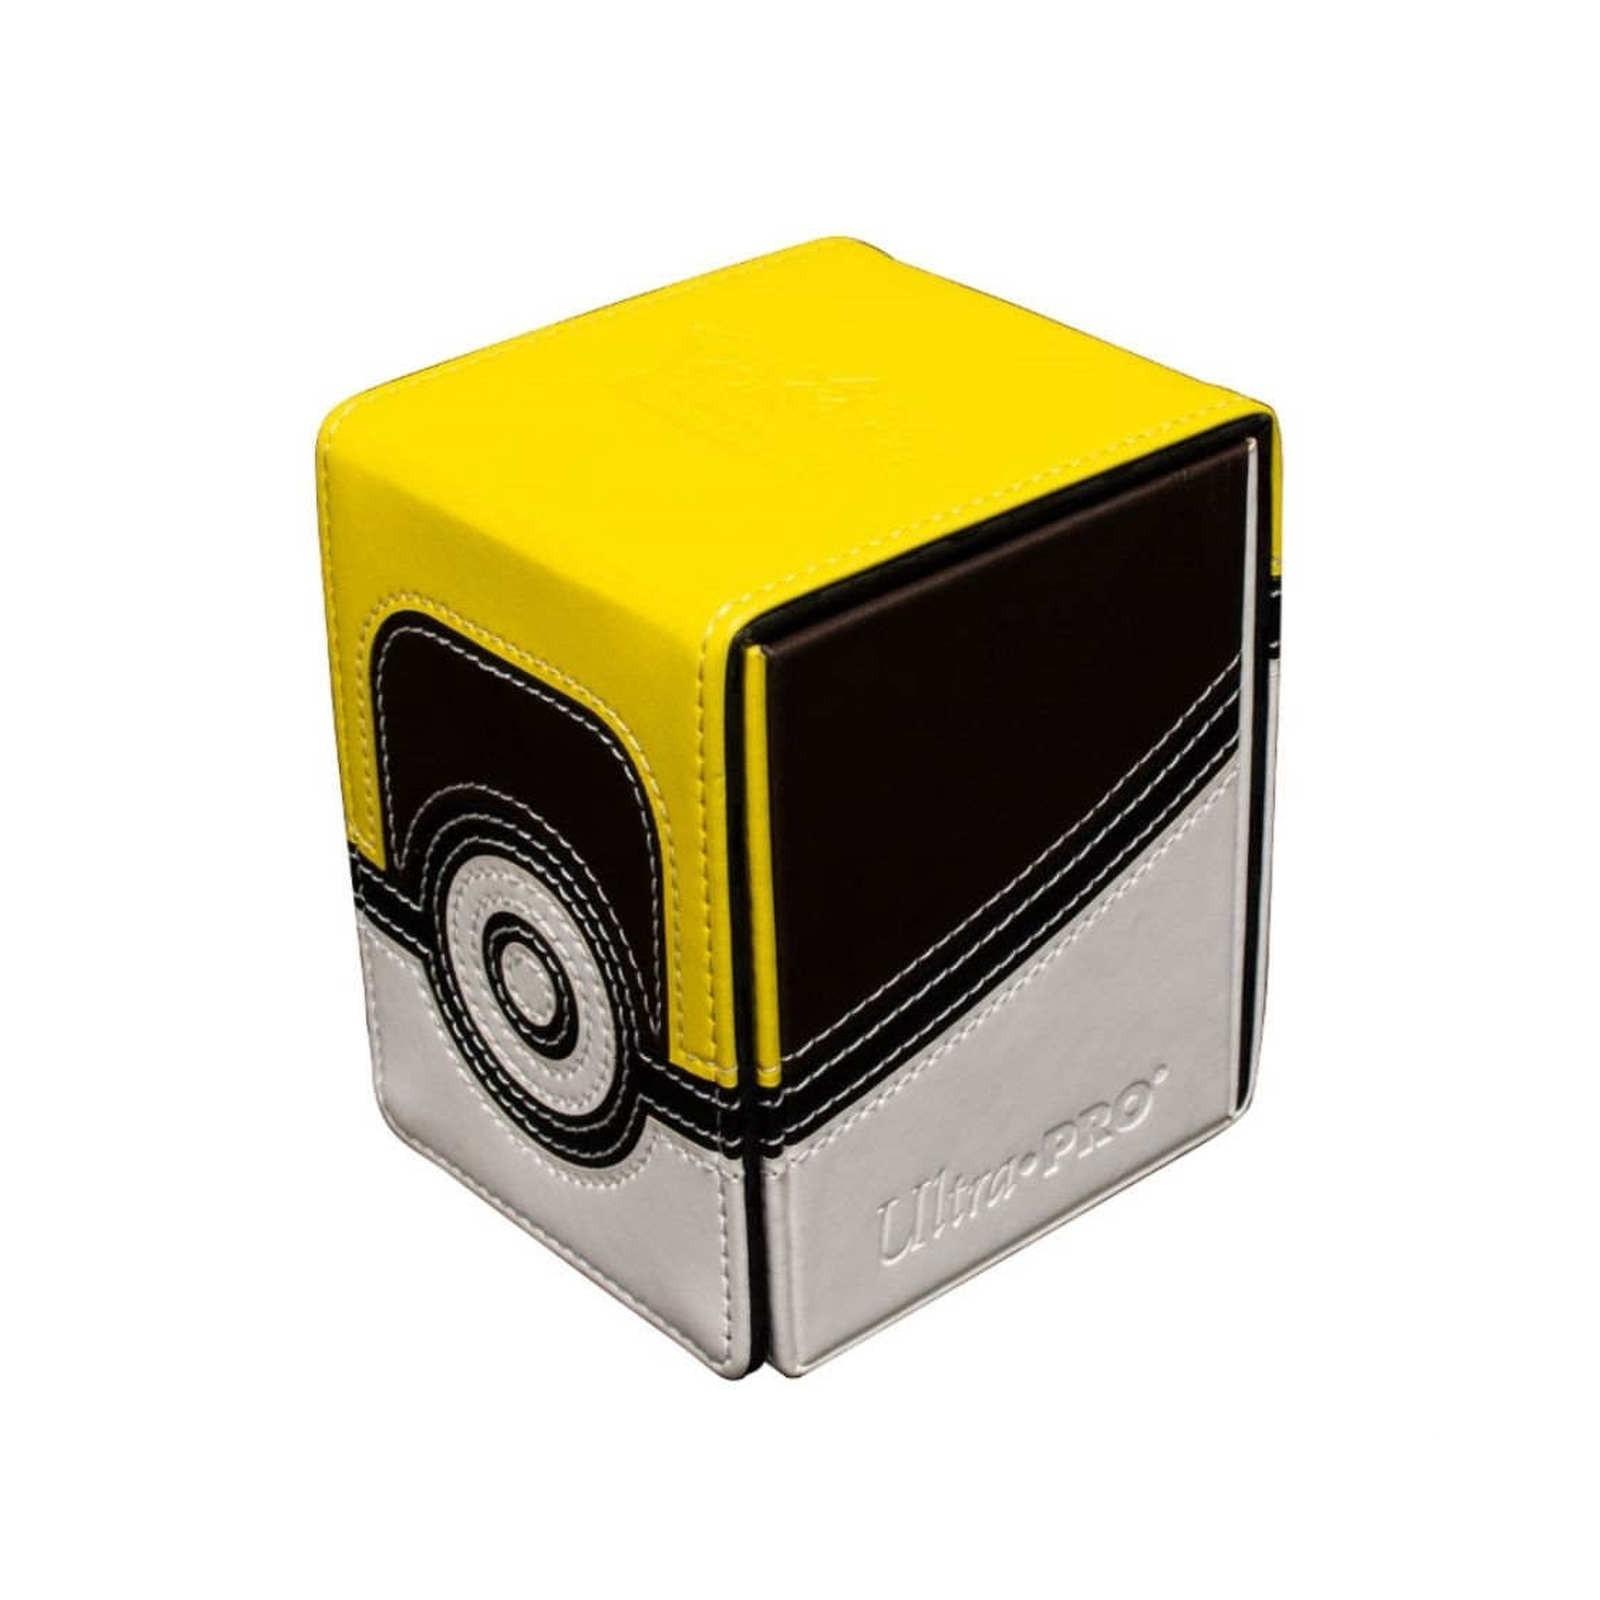 Deck Box Alcove - Pokemon - Ultra Ball